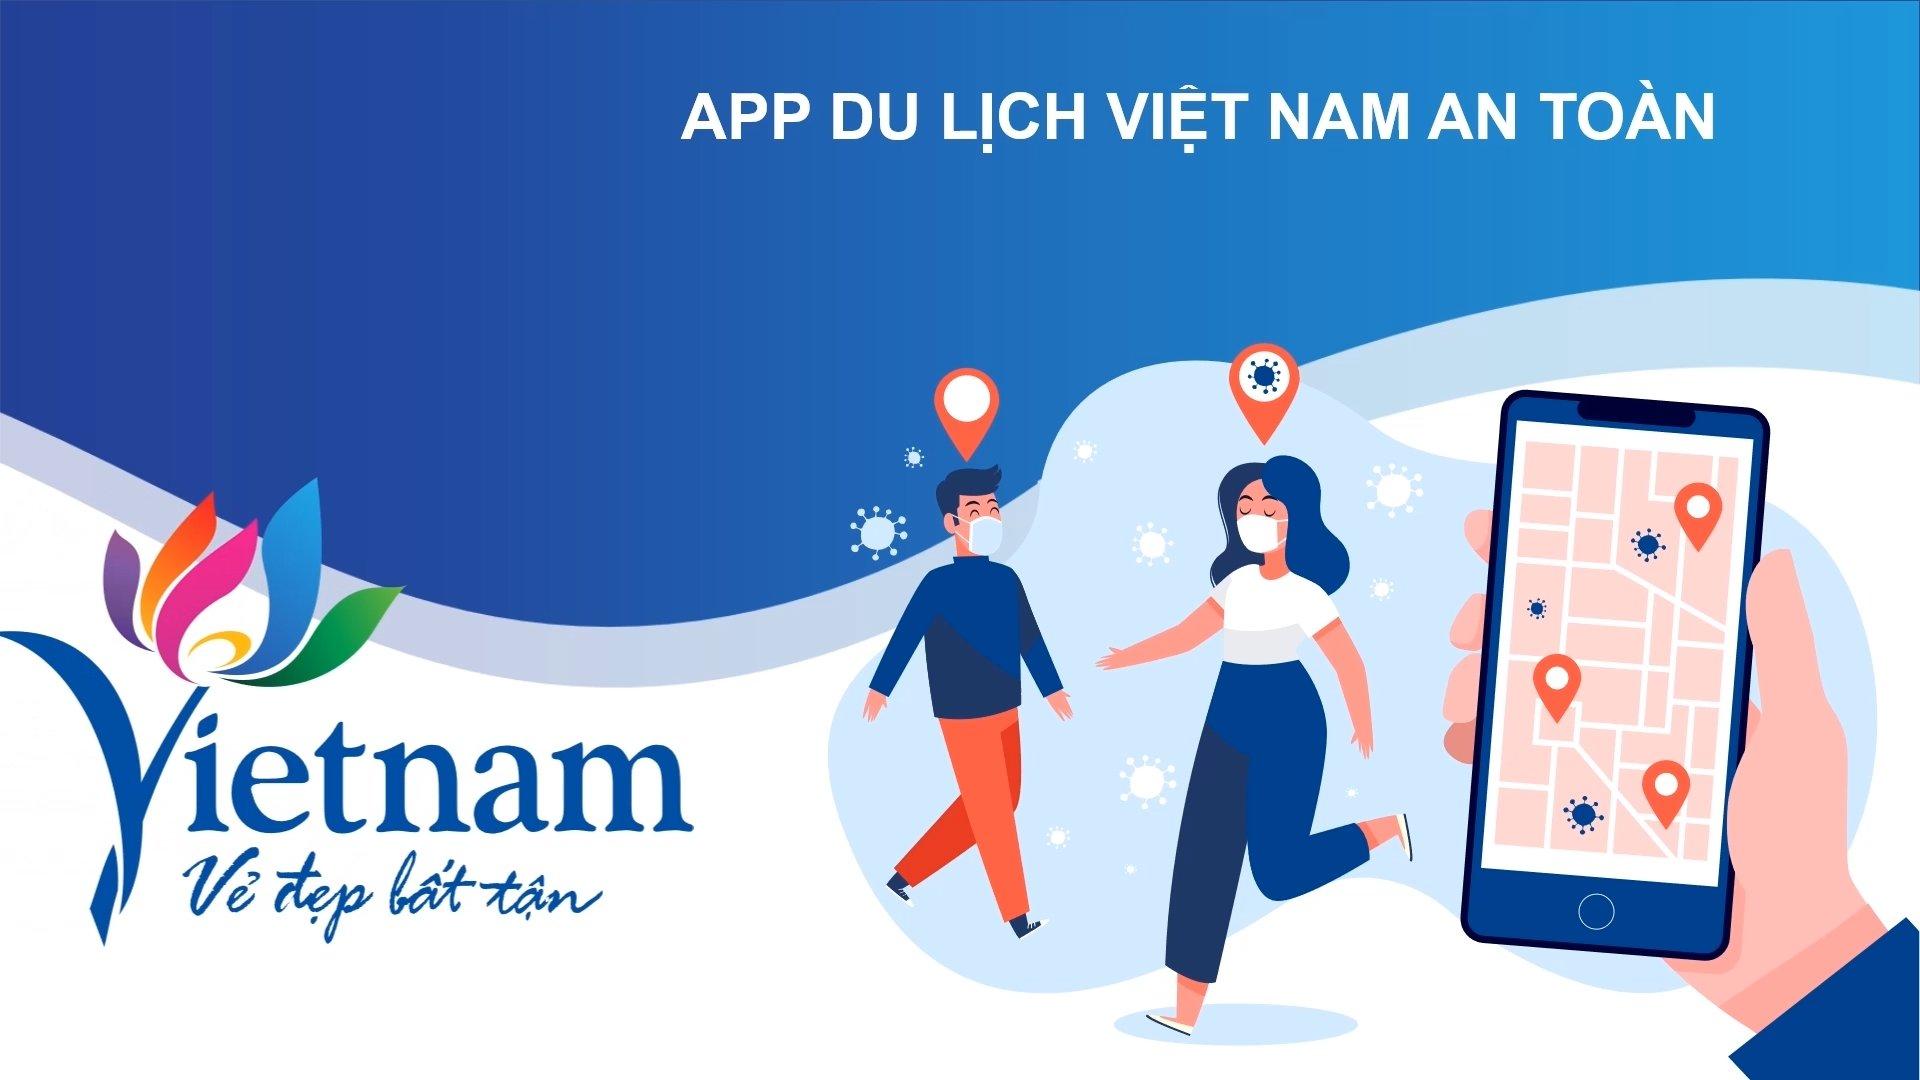 Giới thiệu ứng dụng Du lịch Việt Nam an toàn